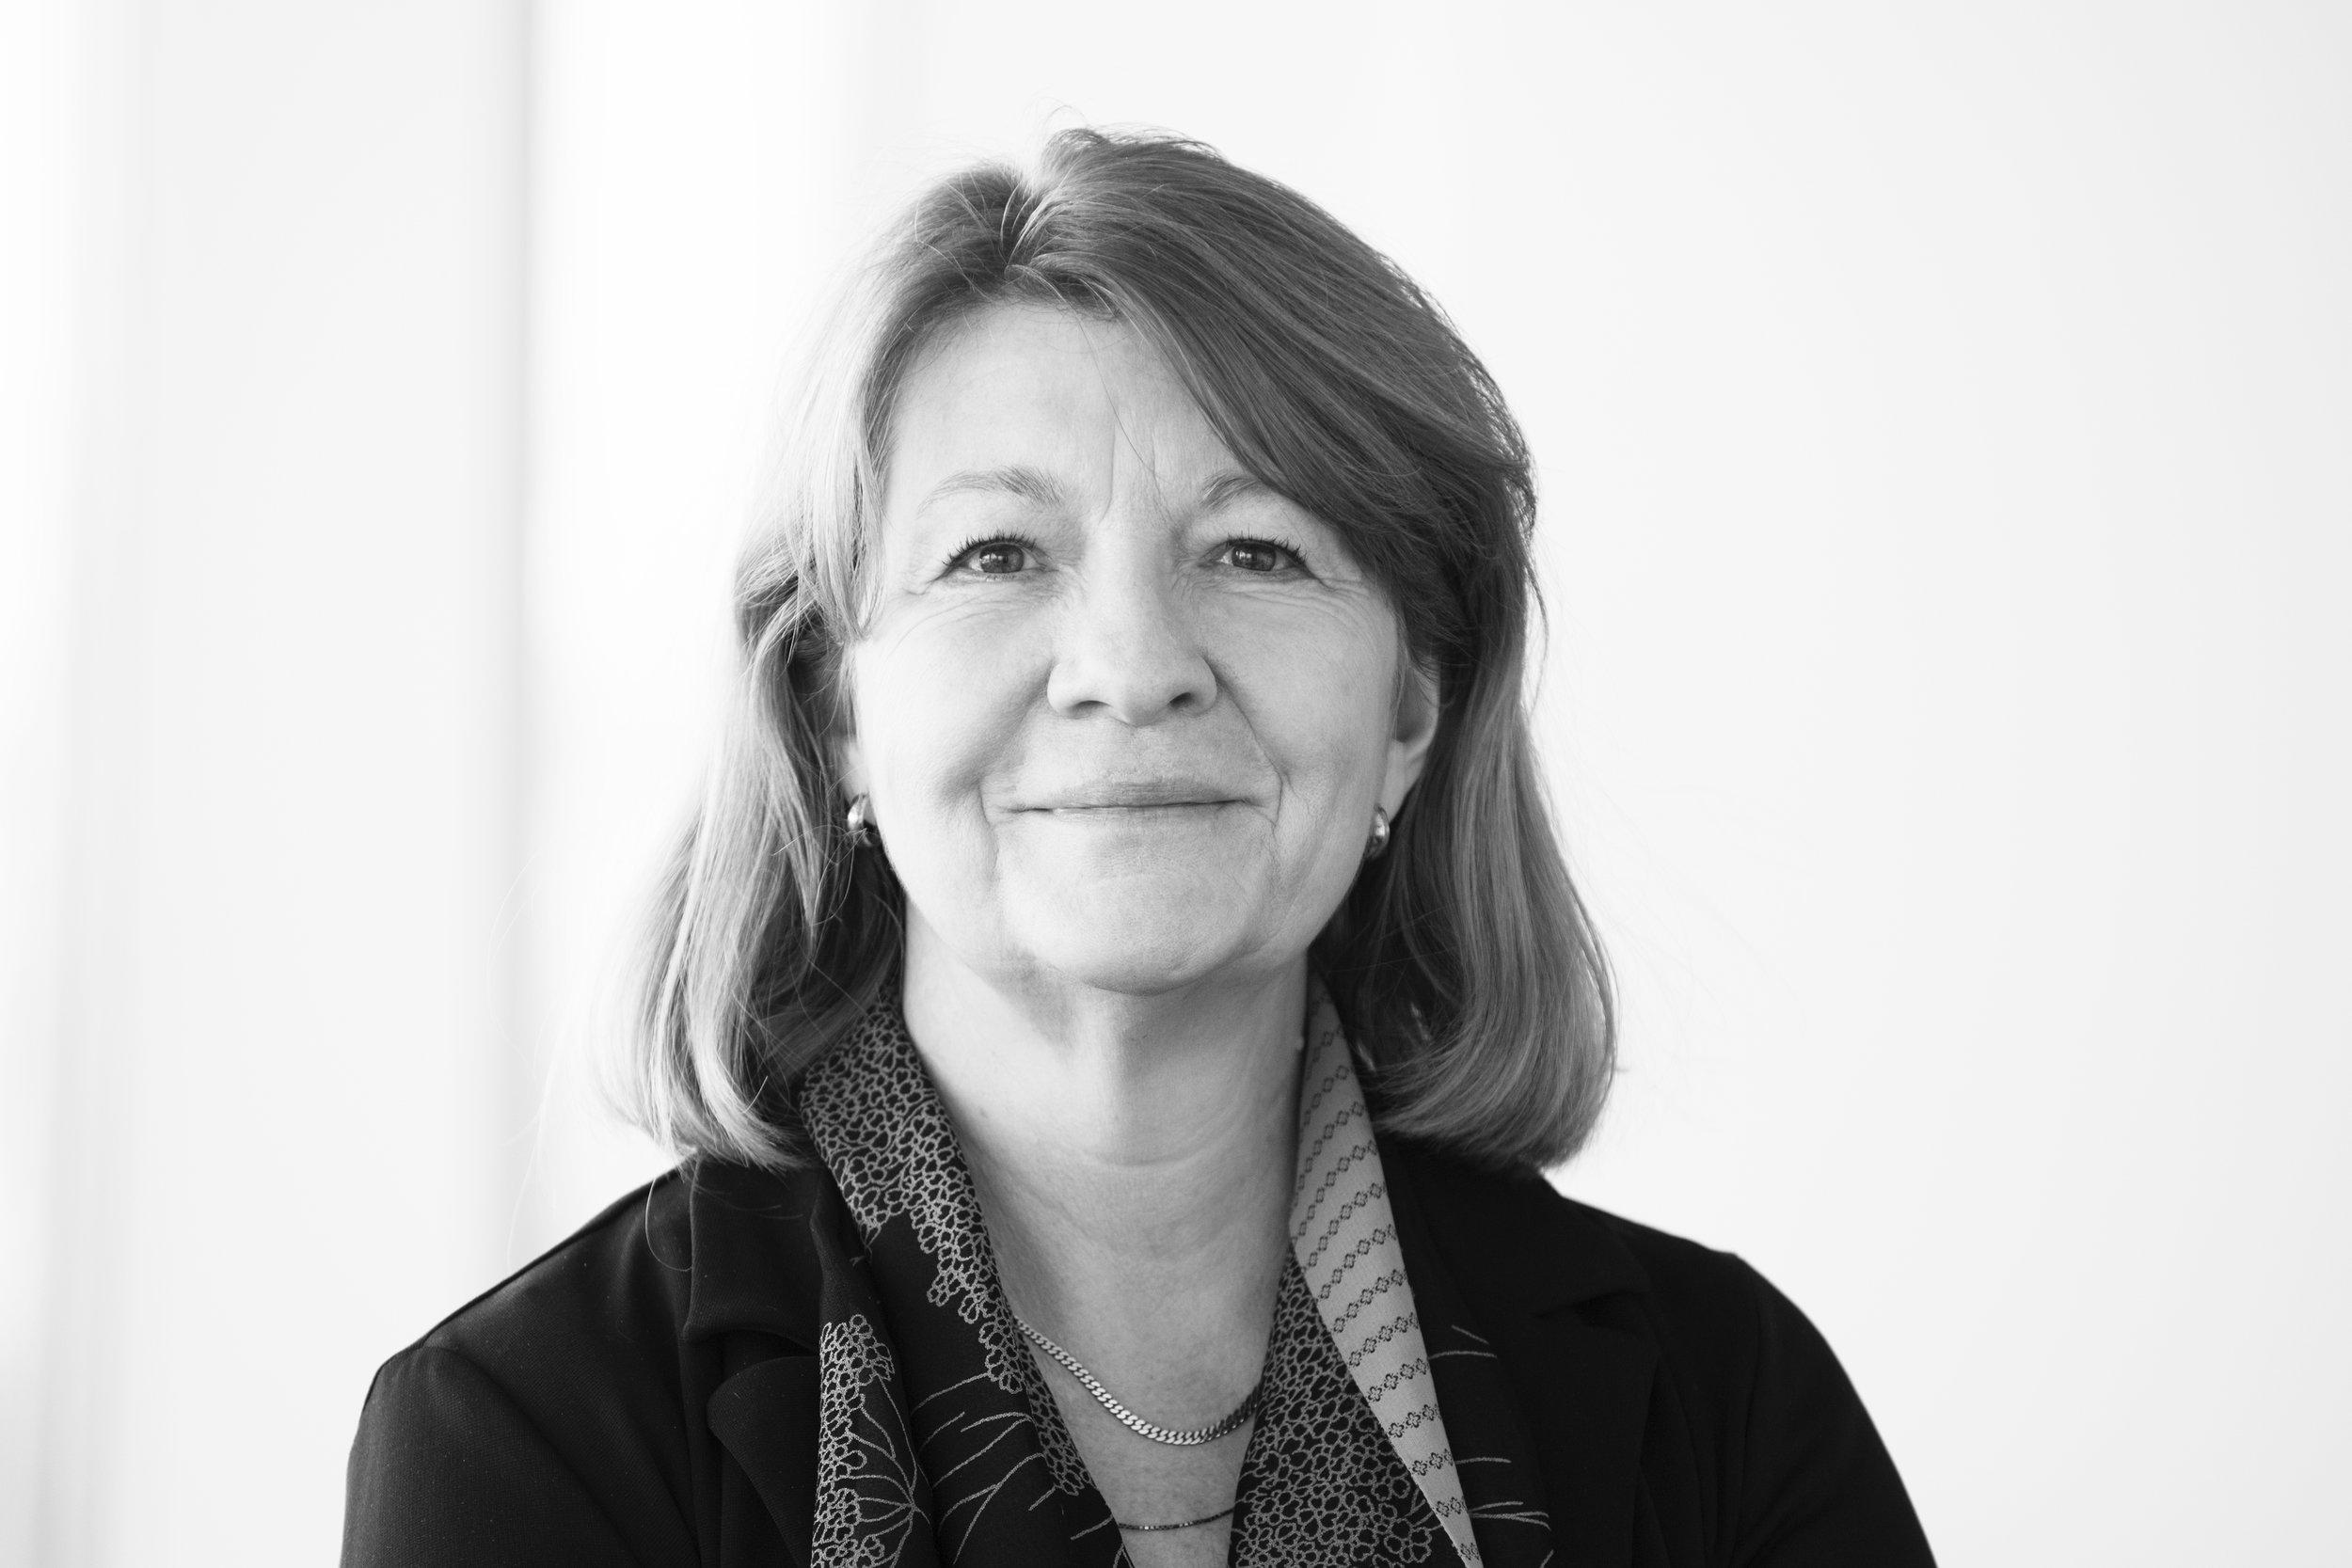 Ann Johansson - Business AssistantAnn on ollut töissä Nordic Interimissä vuodesta 2013 ja työskentelee nykyään Italiasta käsin. Lue lisää →+46 (0)70 493 64 54ann.johansson@nordicinterim.com